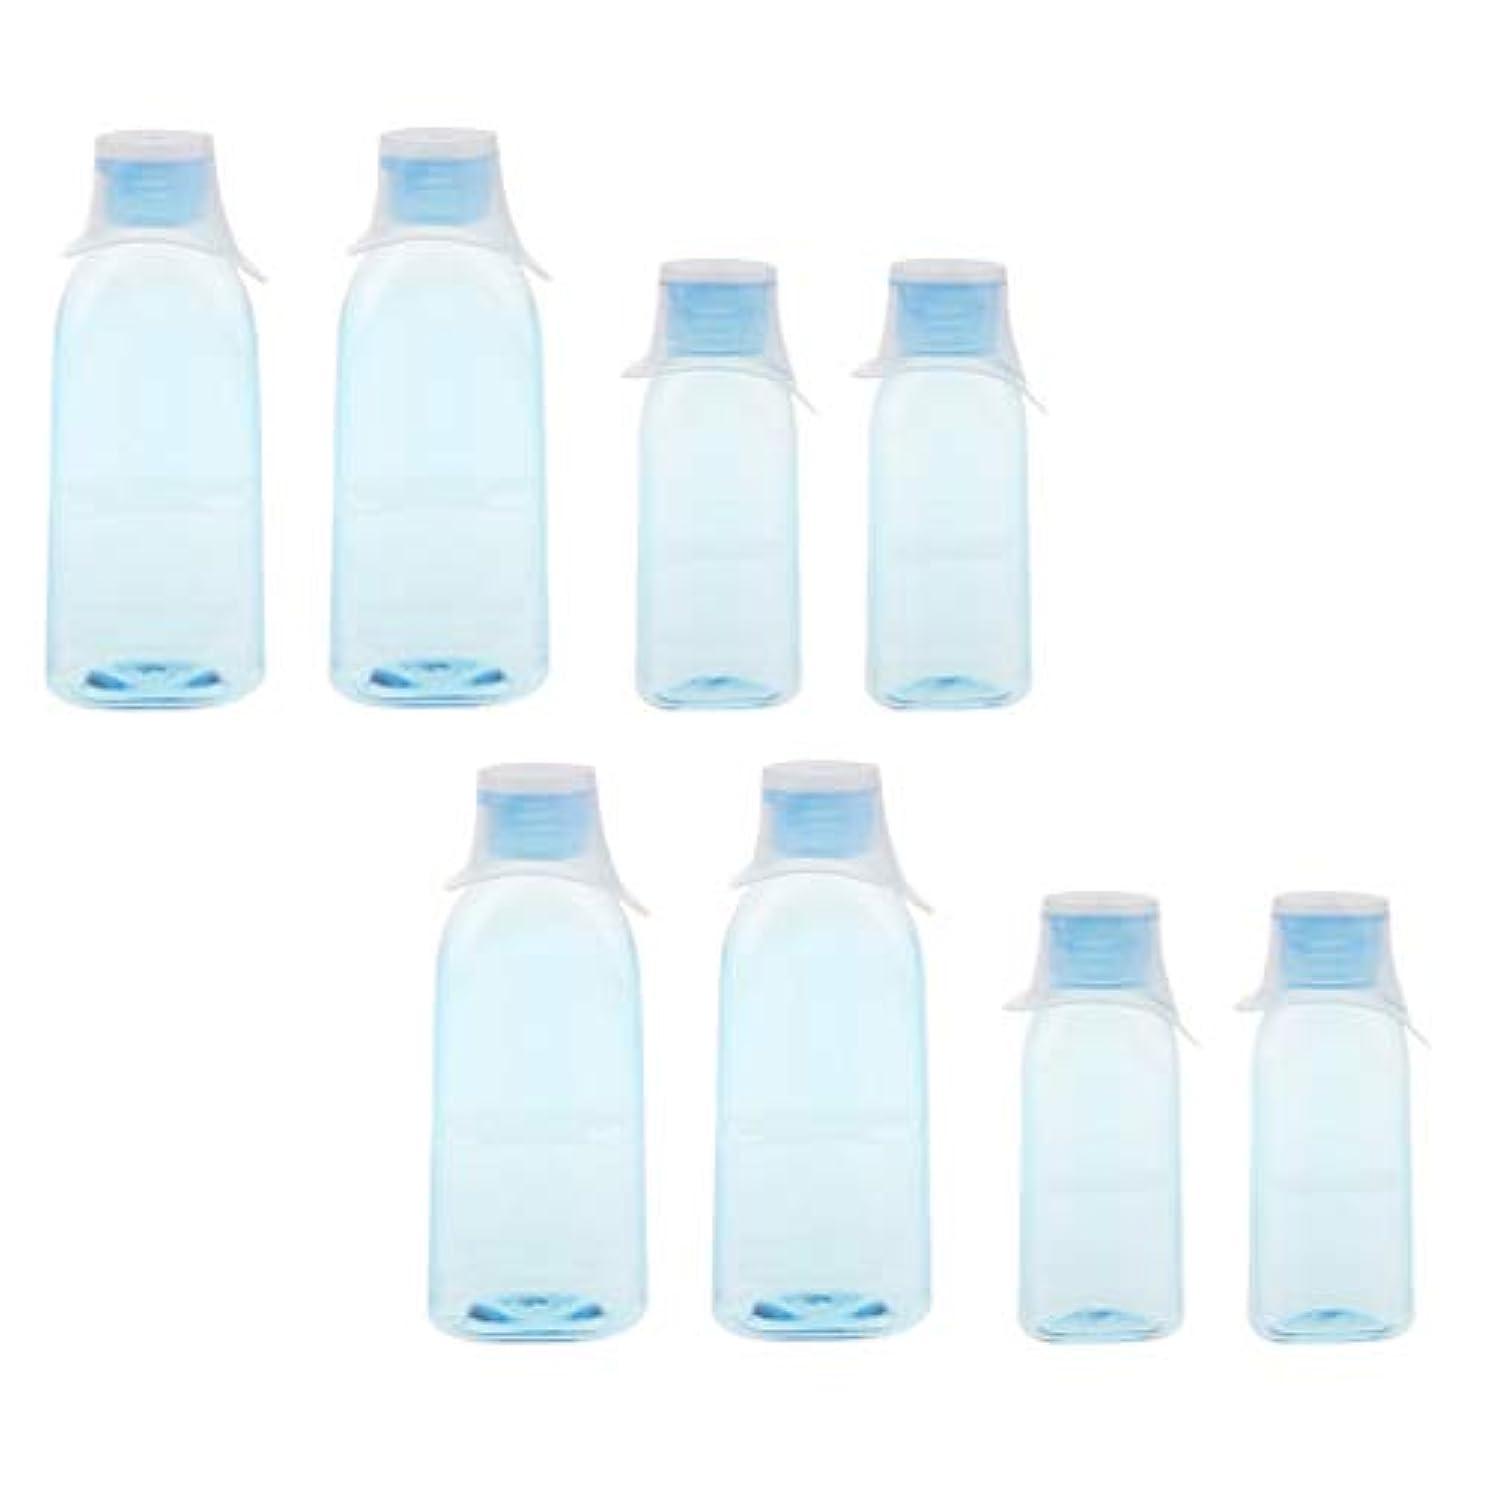 比べるタッチショット詰め替え 空旅行 マウスウォッシュボトル 洗眼カップ 容器 16個セット